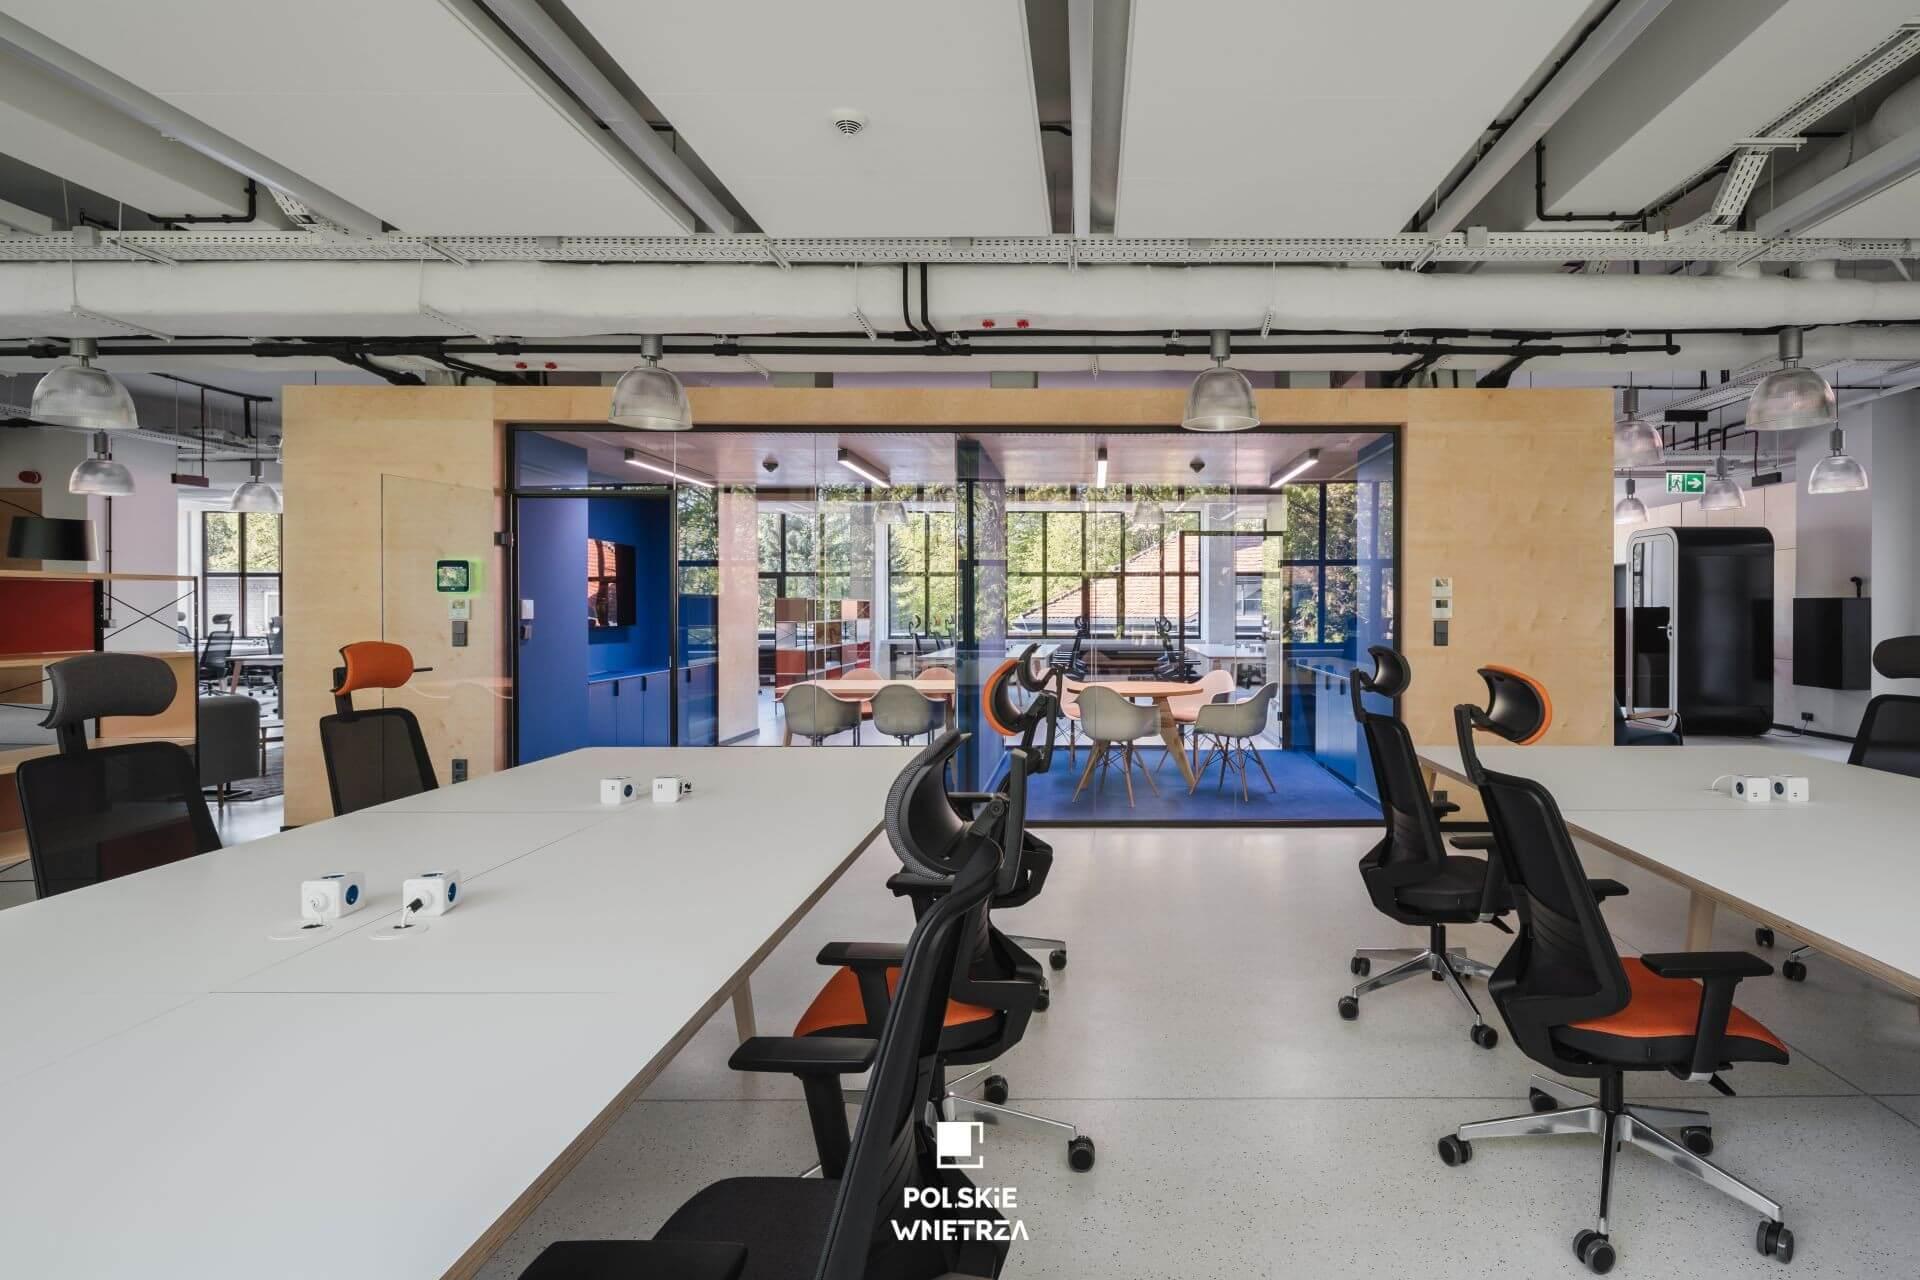 Biuro… które doda Ci skrzydeł... Red Bull.. Polskie Wnętrza